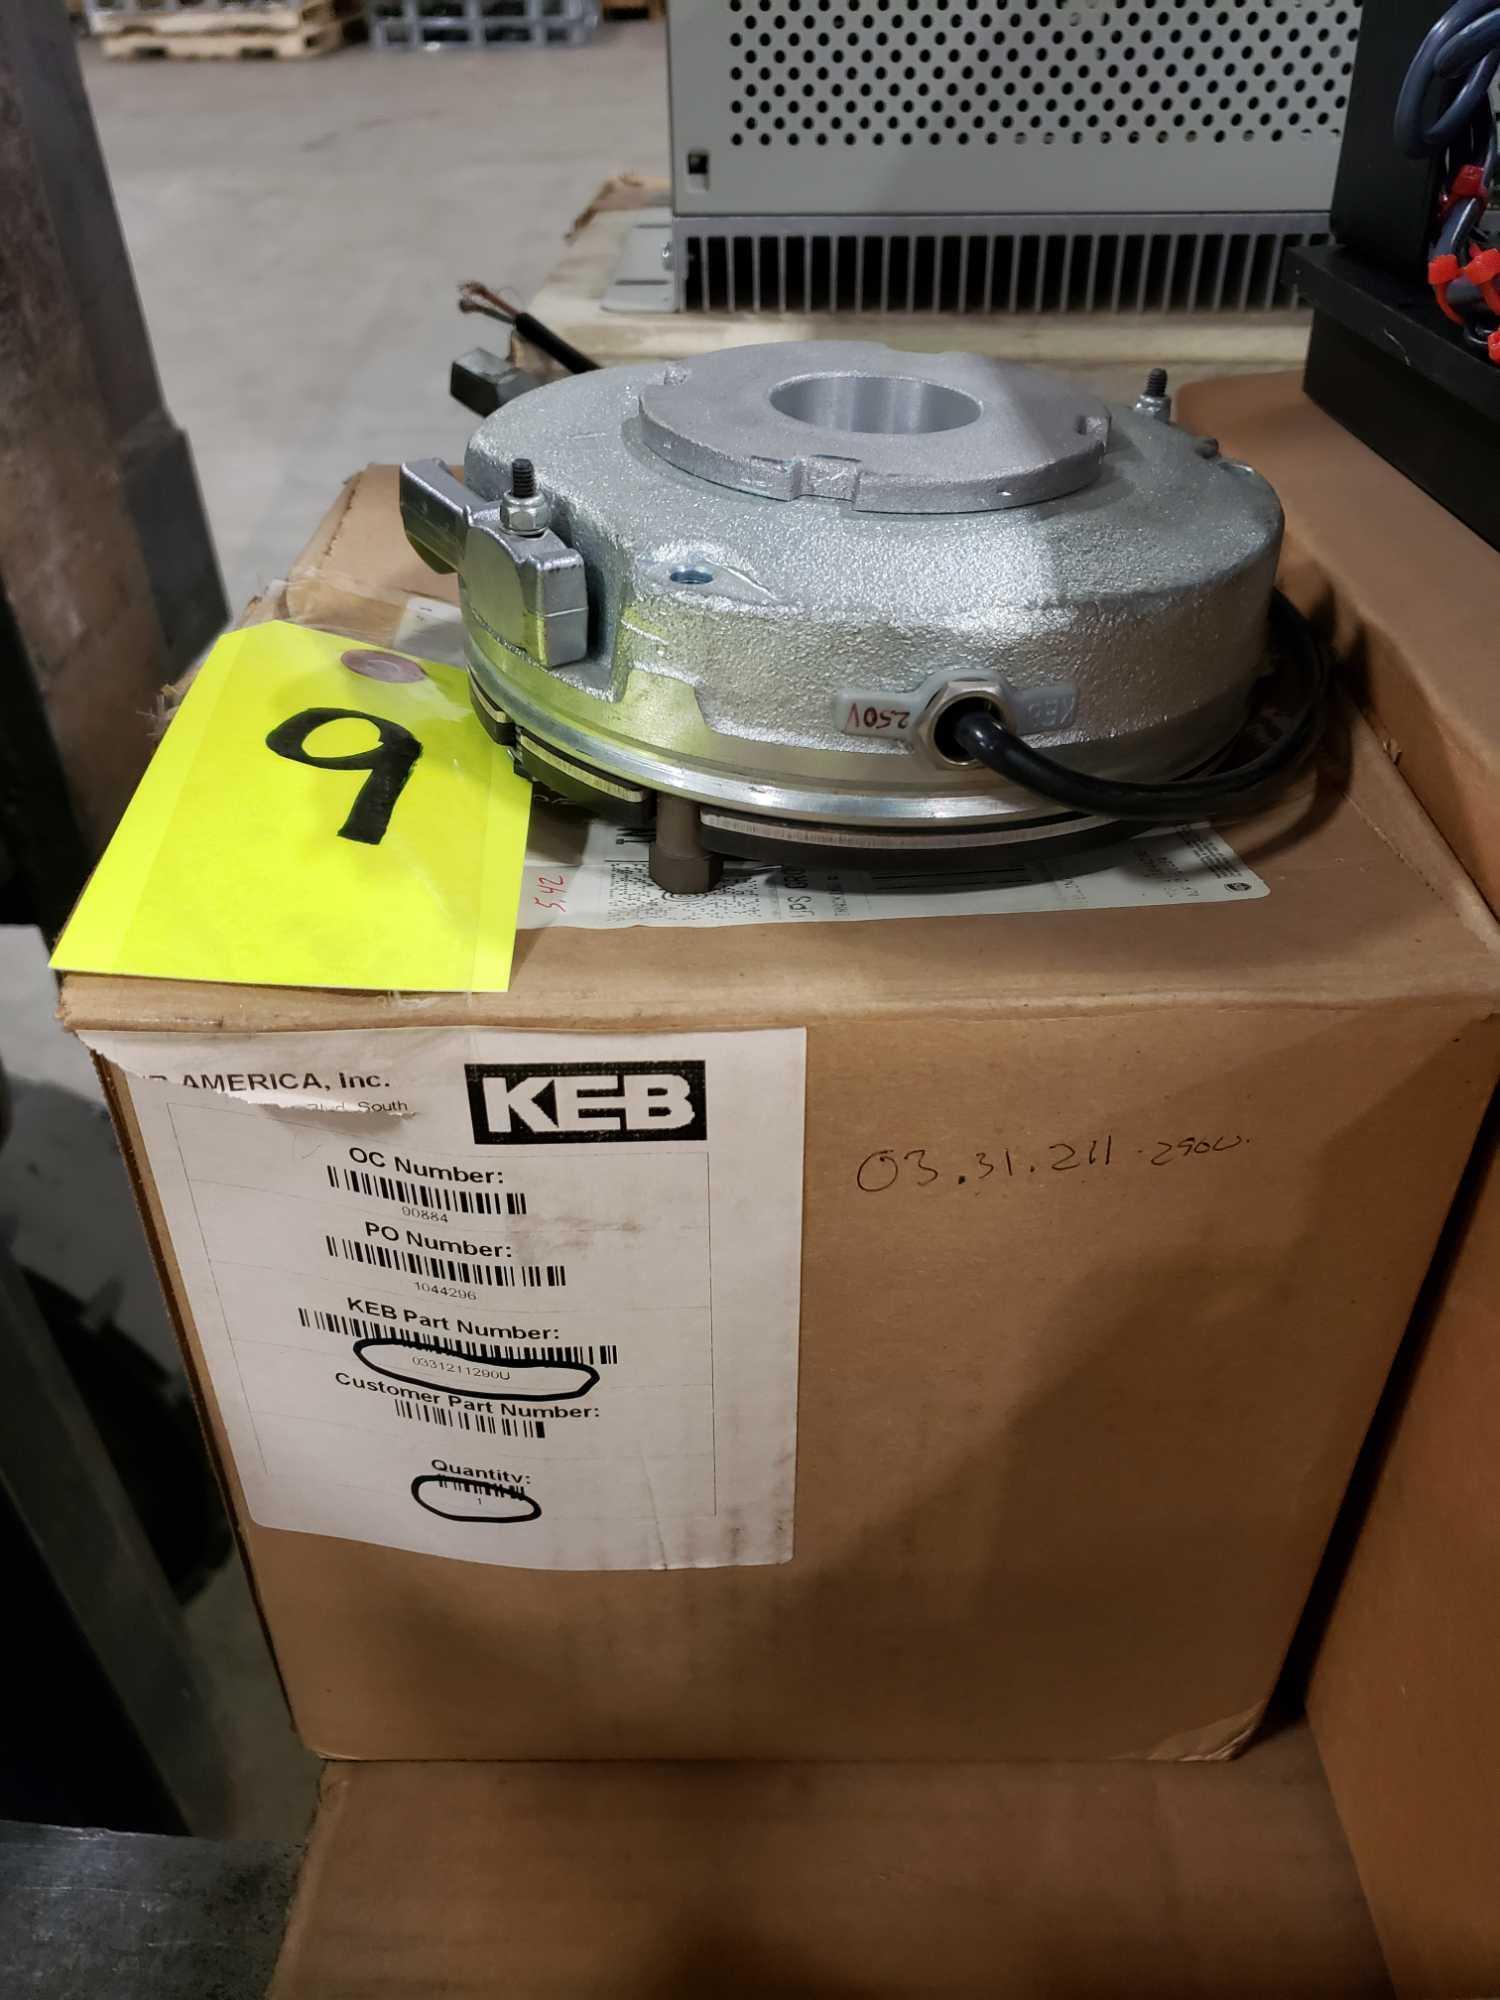 KEB brake model 0331211290U. New in box.